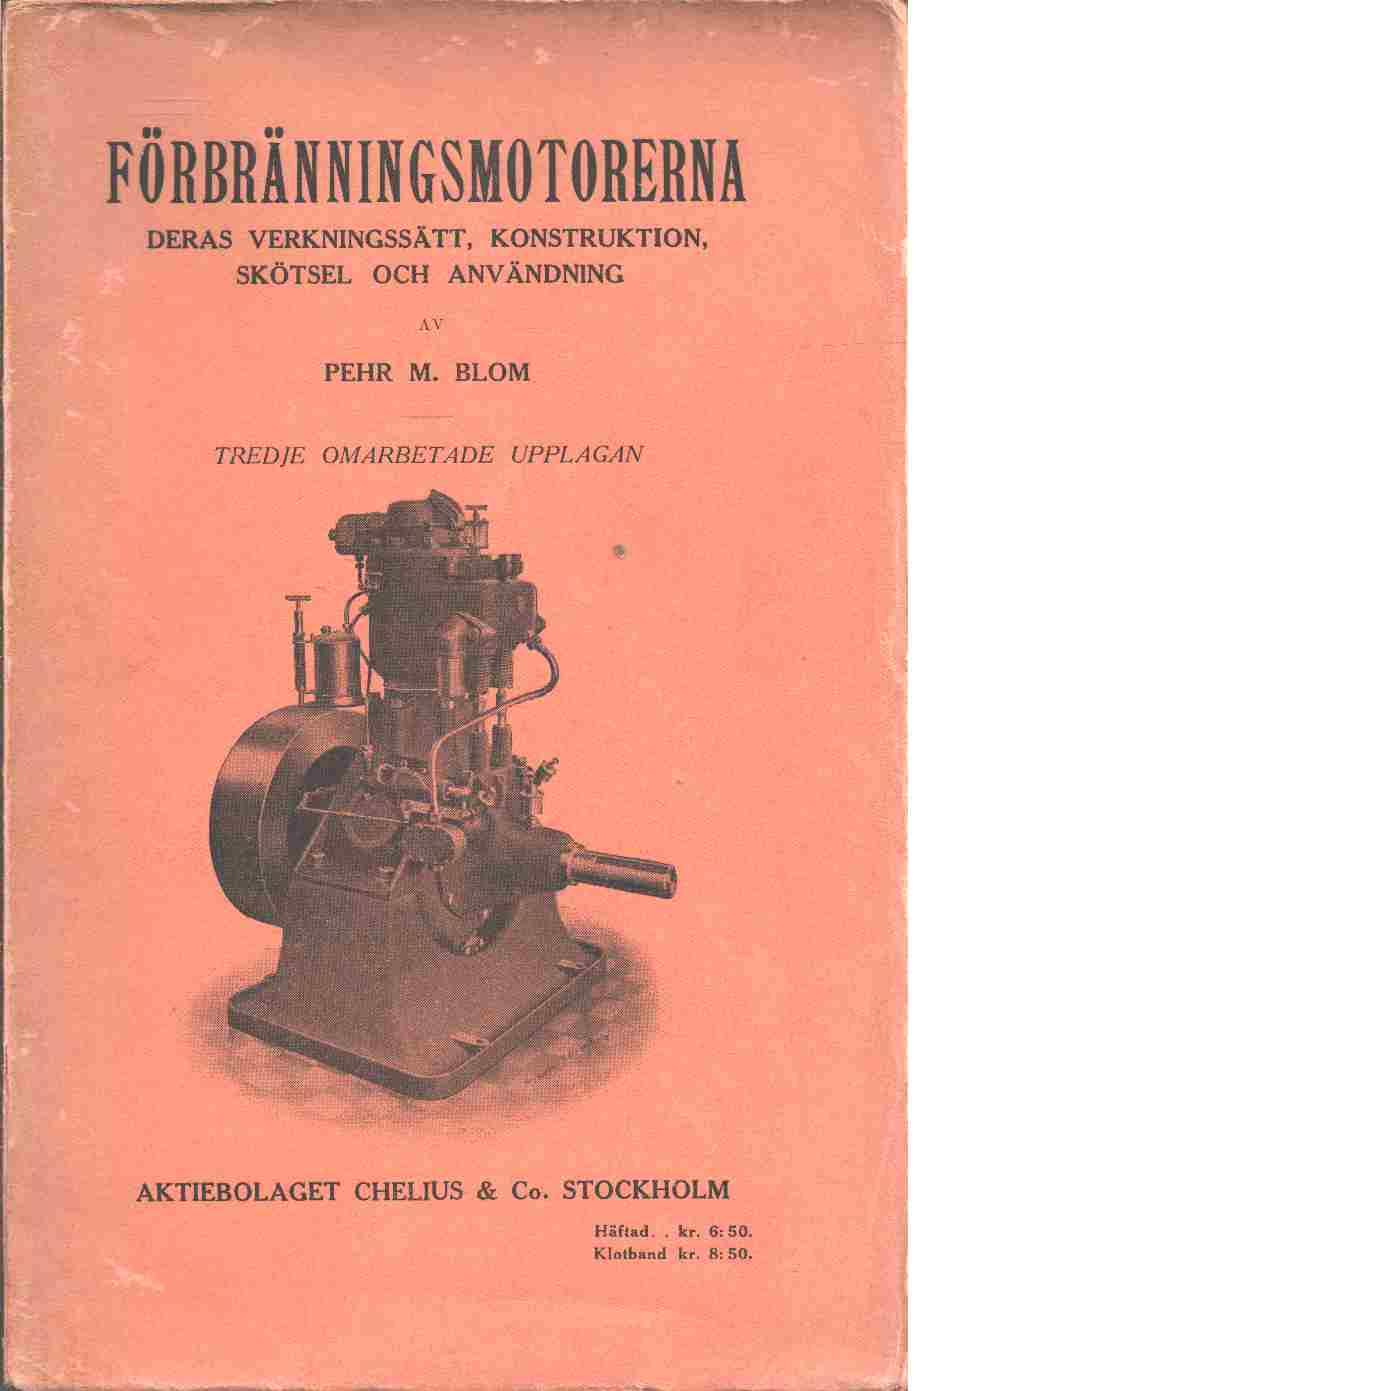 Förbränningsmotorerna, deras verkningssätt, konstruktion, skötsel och användning. - Blom, Pehr M.